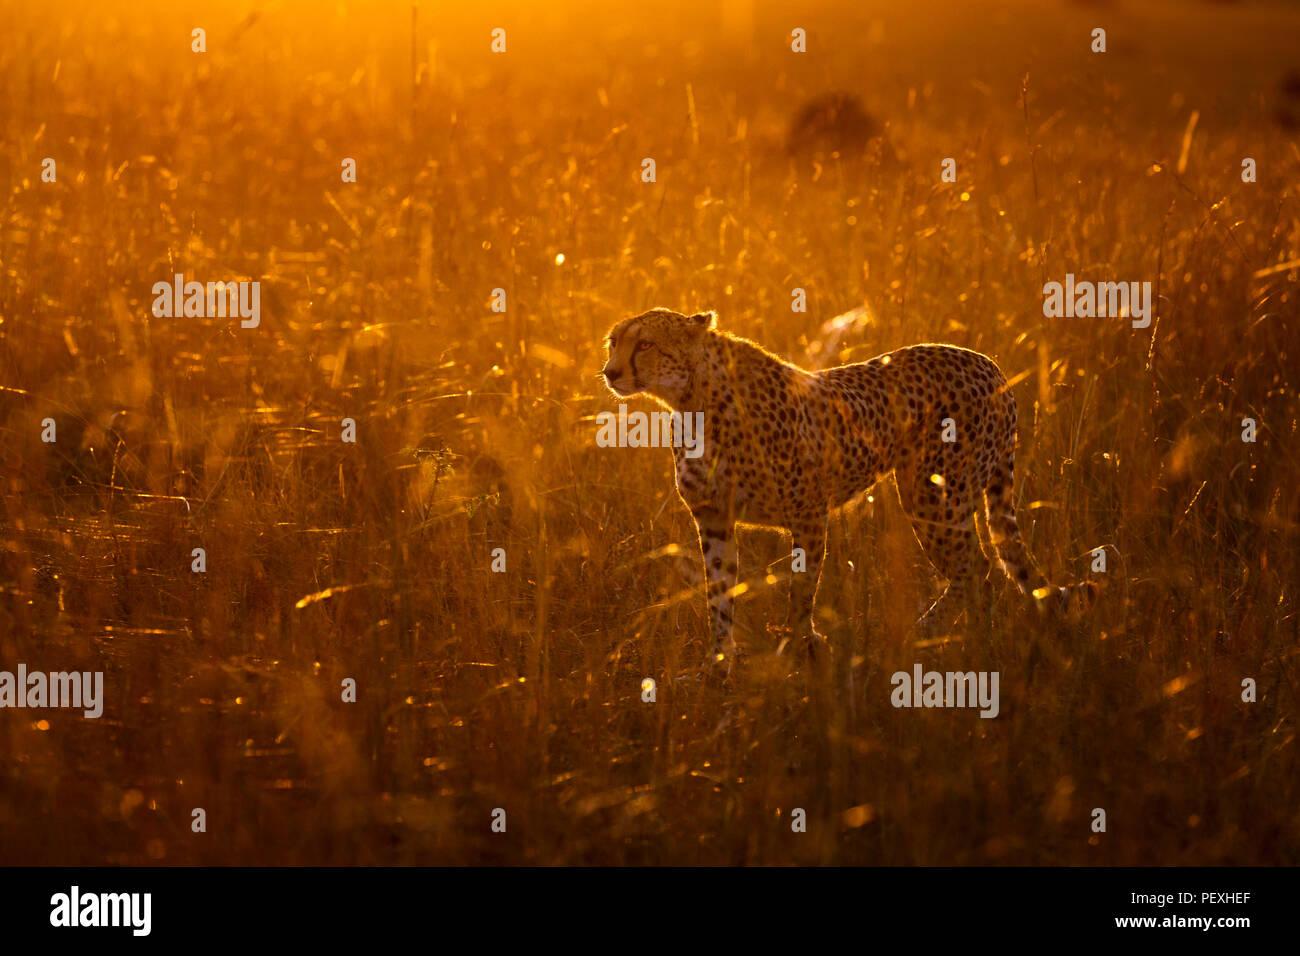 Femelle adulte Guépard (Acinonyx jubatus) par rétroéclairé soleil du matin est vigilant et alerte dans les prairies dans le Masai Mara National Reserve, Kenya Photo Stock